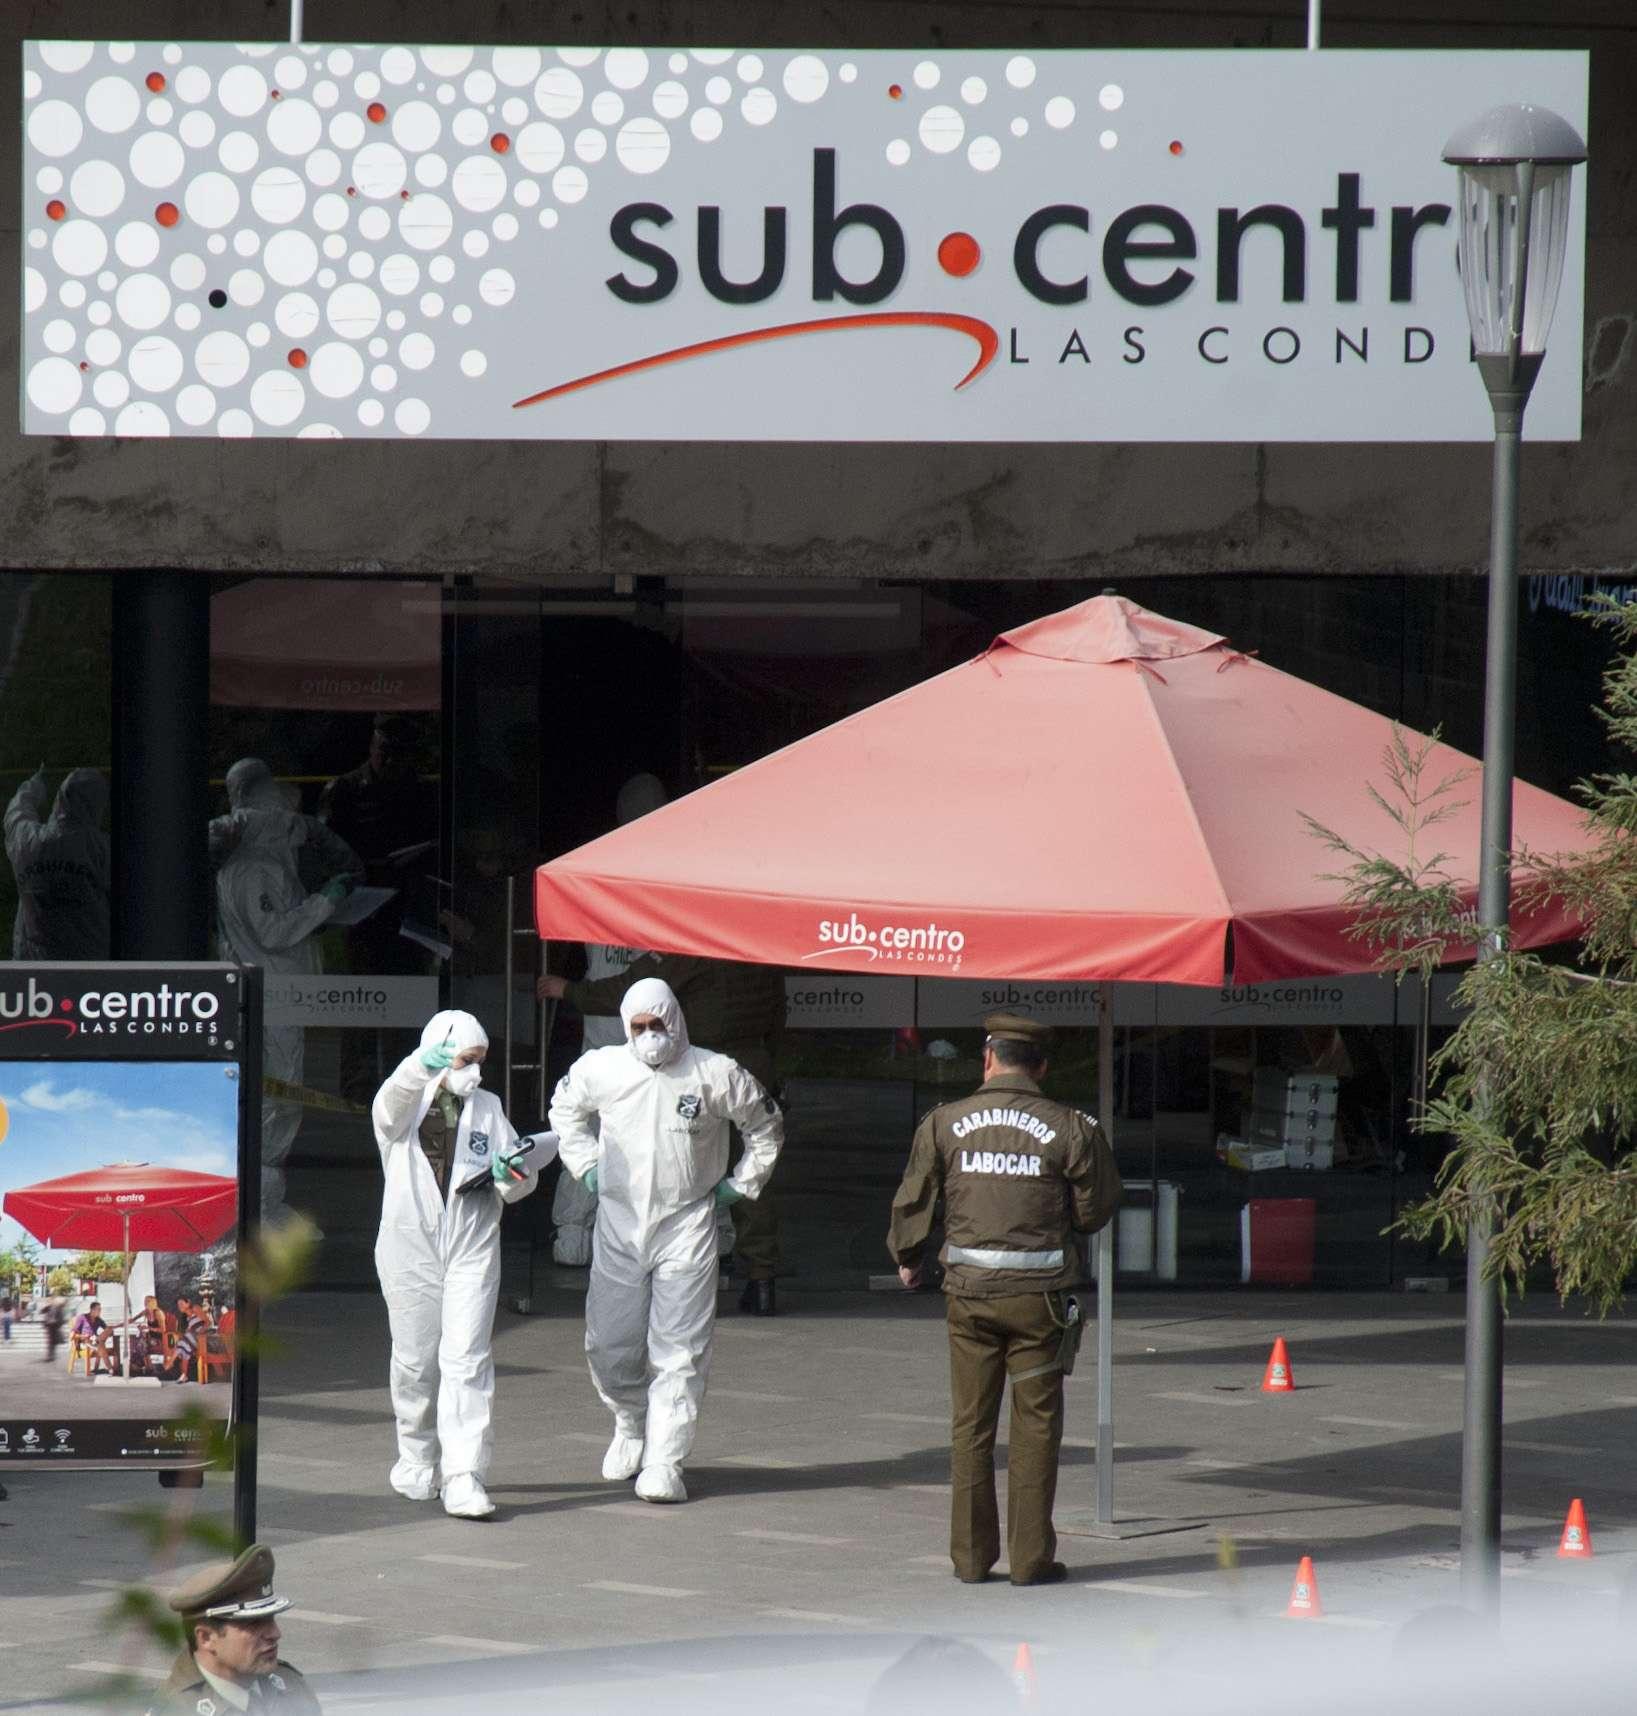 El artefacto explosivo fue instalado en el interior de un tarro metálico en uno de los pasillos de una galería aledaña a la estación del metro Escuela Militar, que a esa ahora estaba atestado de público almorzando. Foto: AFP en español